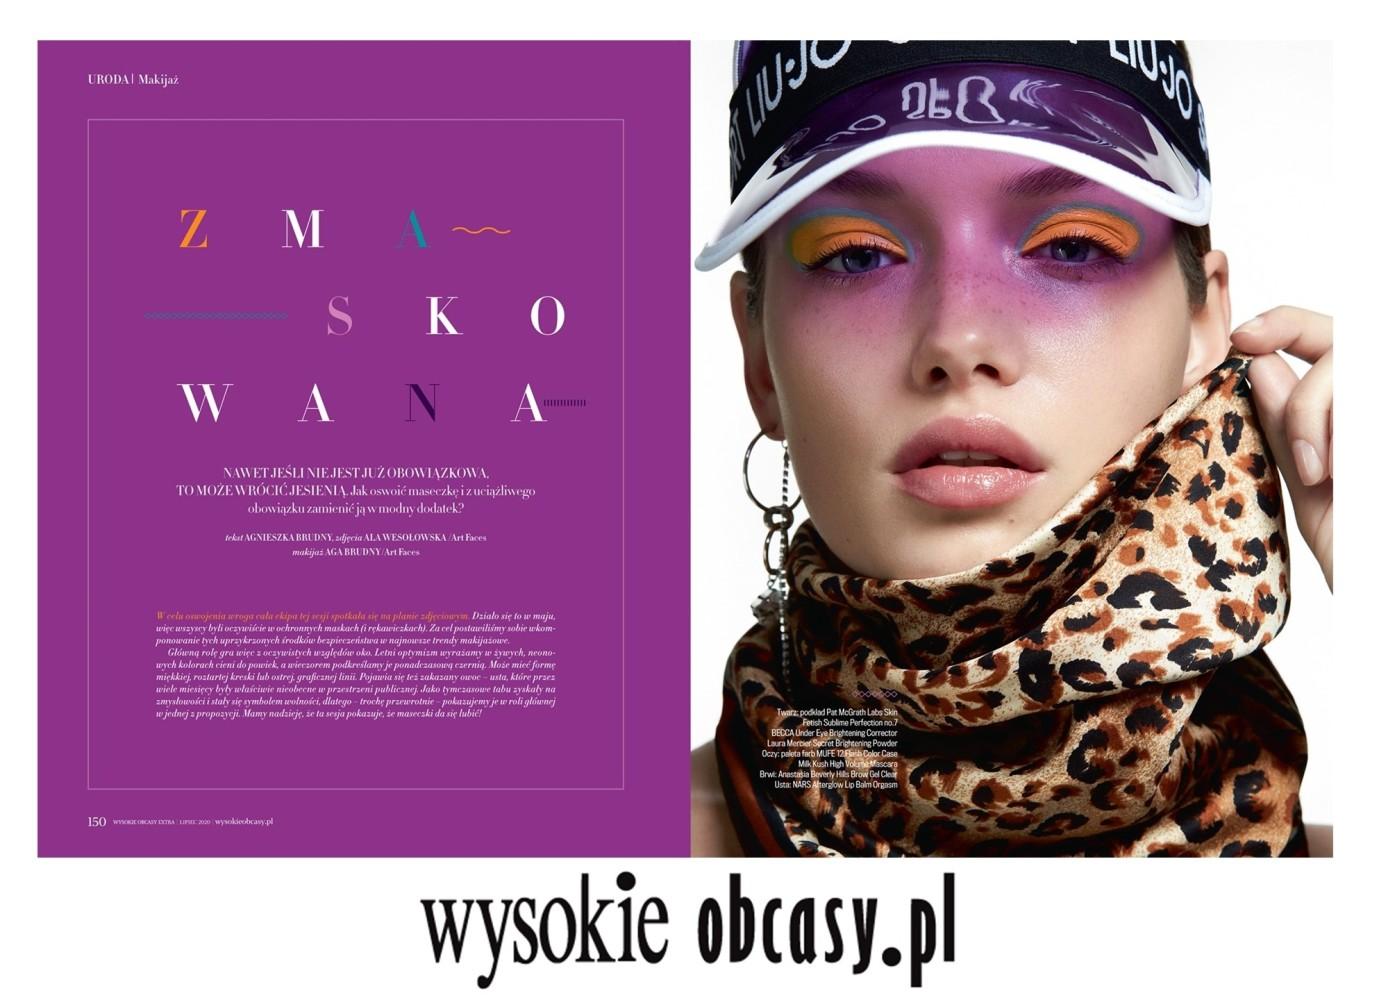 Olga Nowotarska by Ala Wesołowska for Wysokie Obcasy